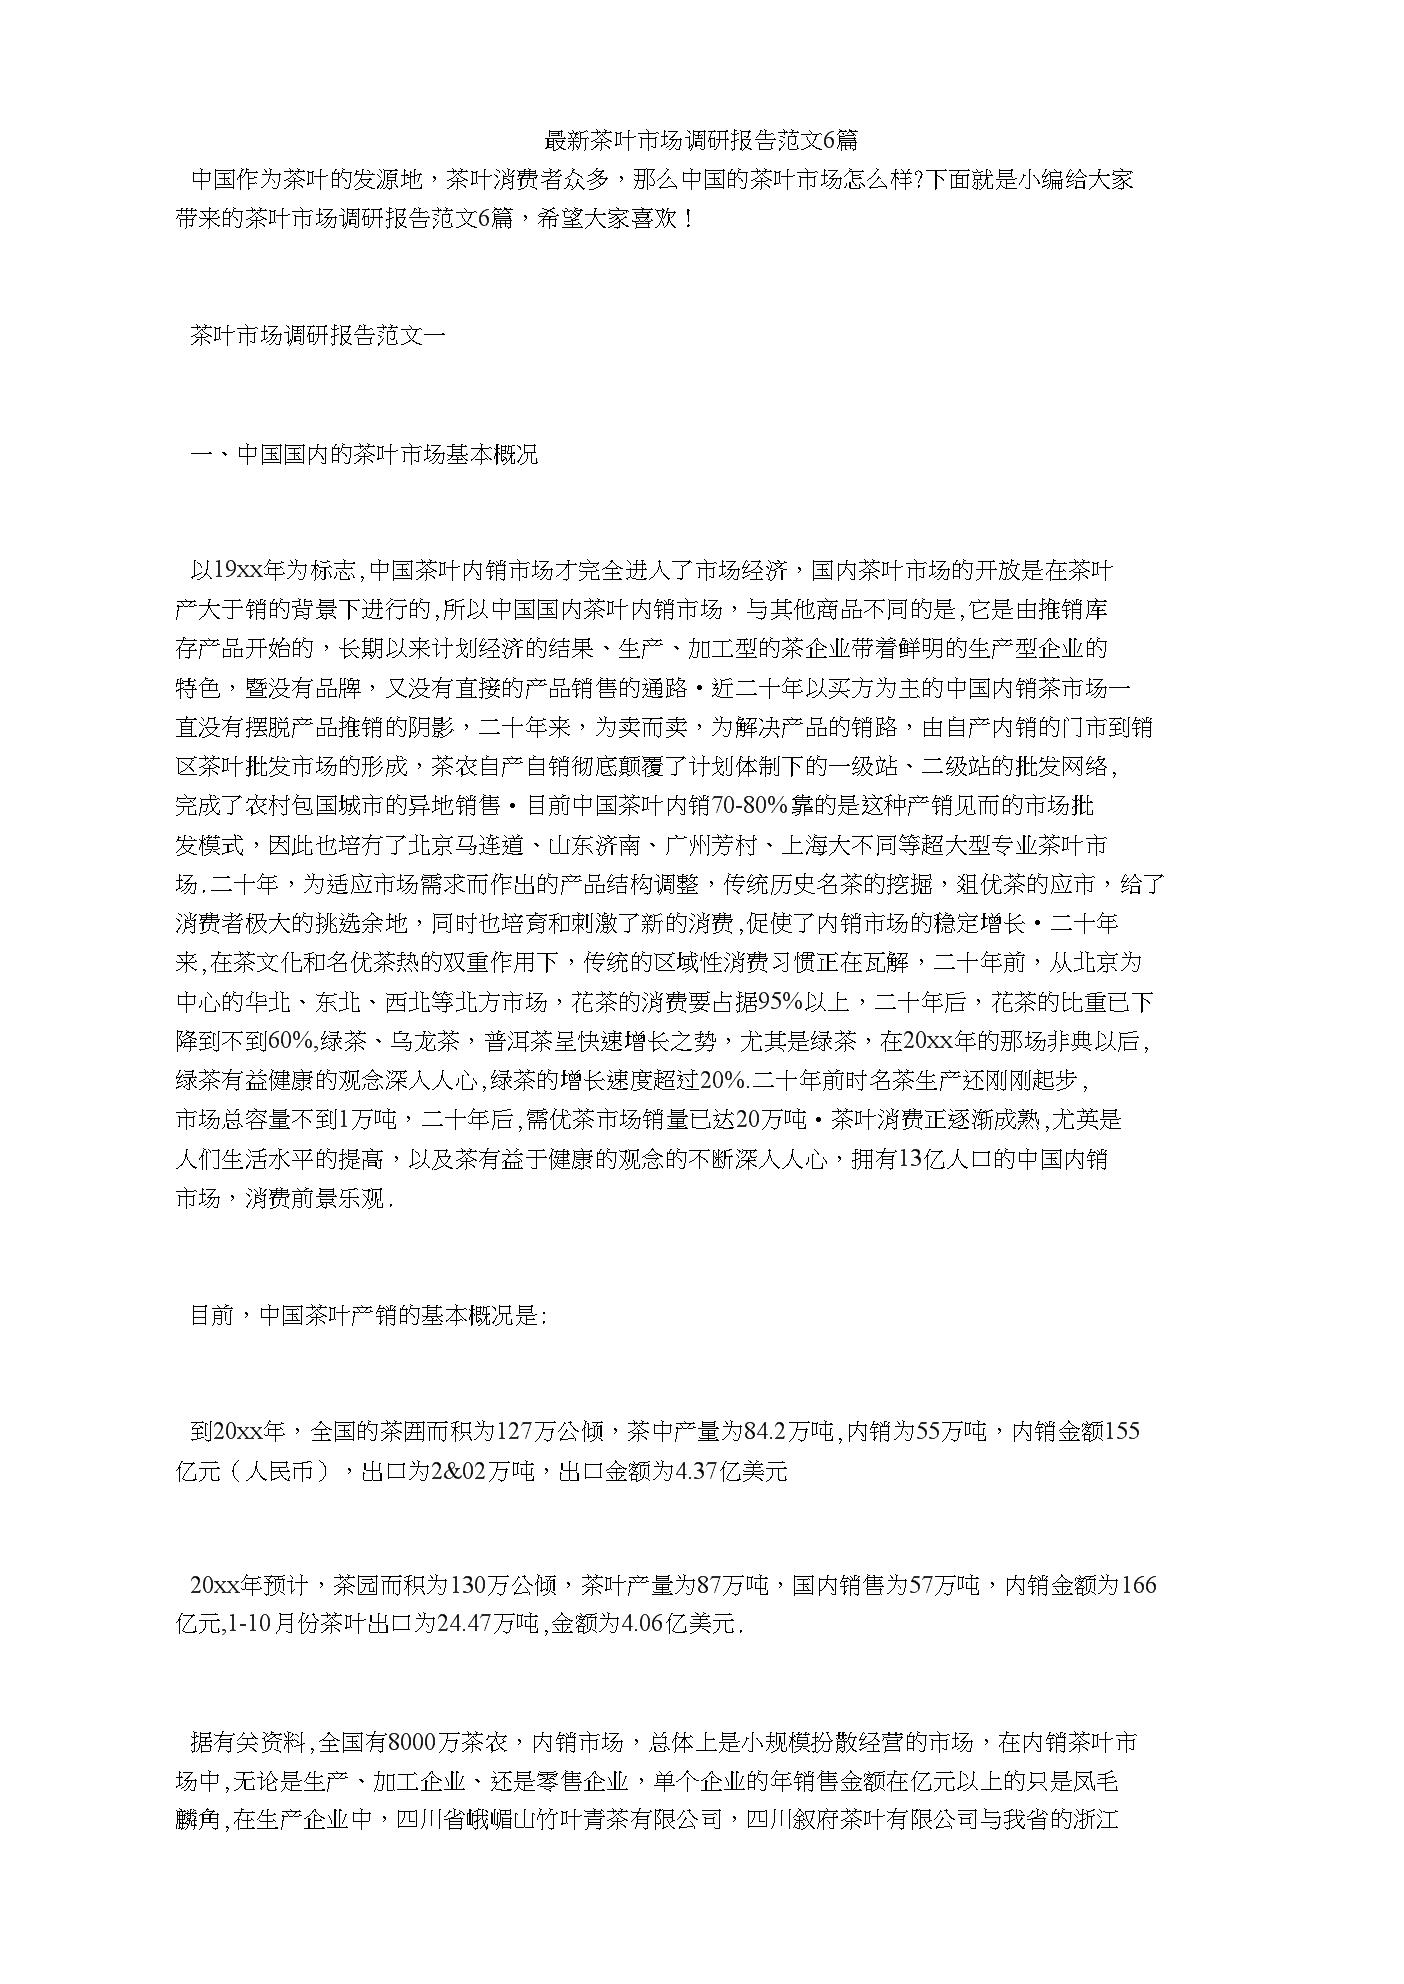 最新茶叶市场调研报告范文6篇.docx